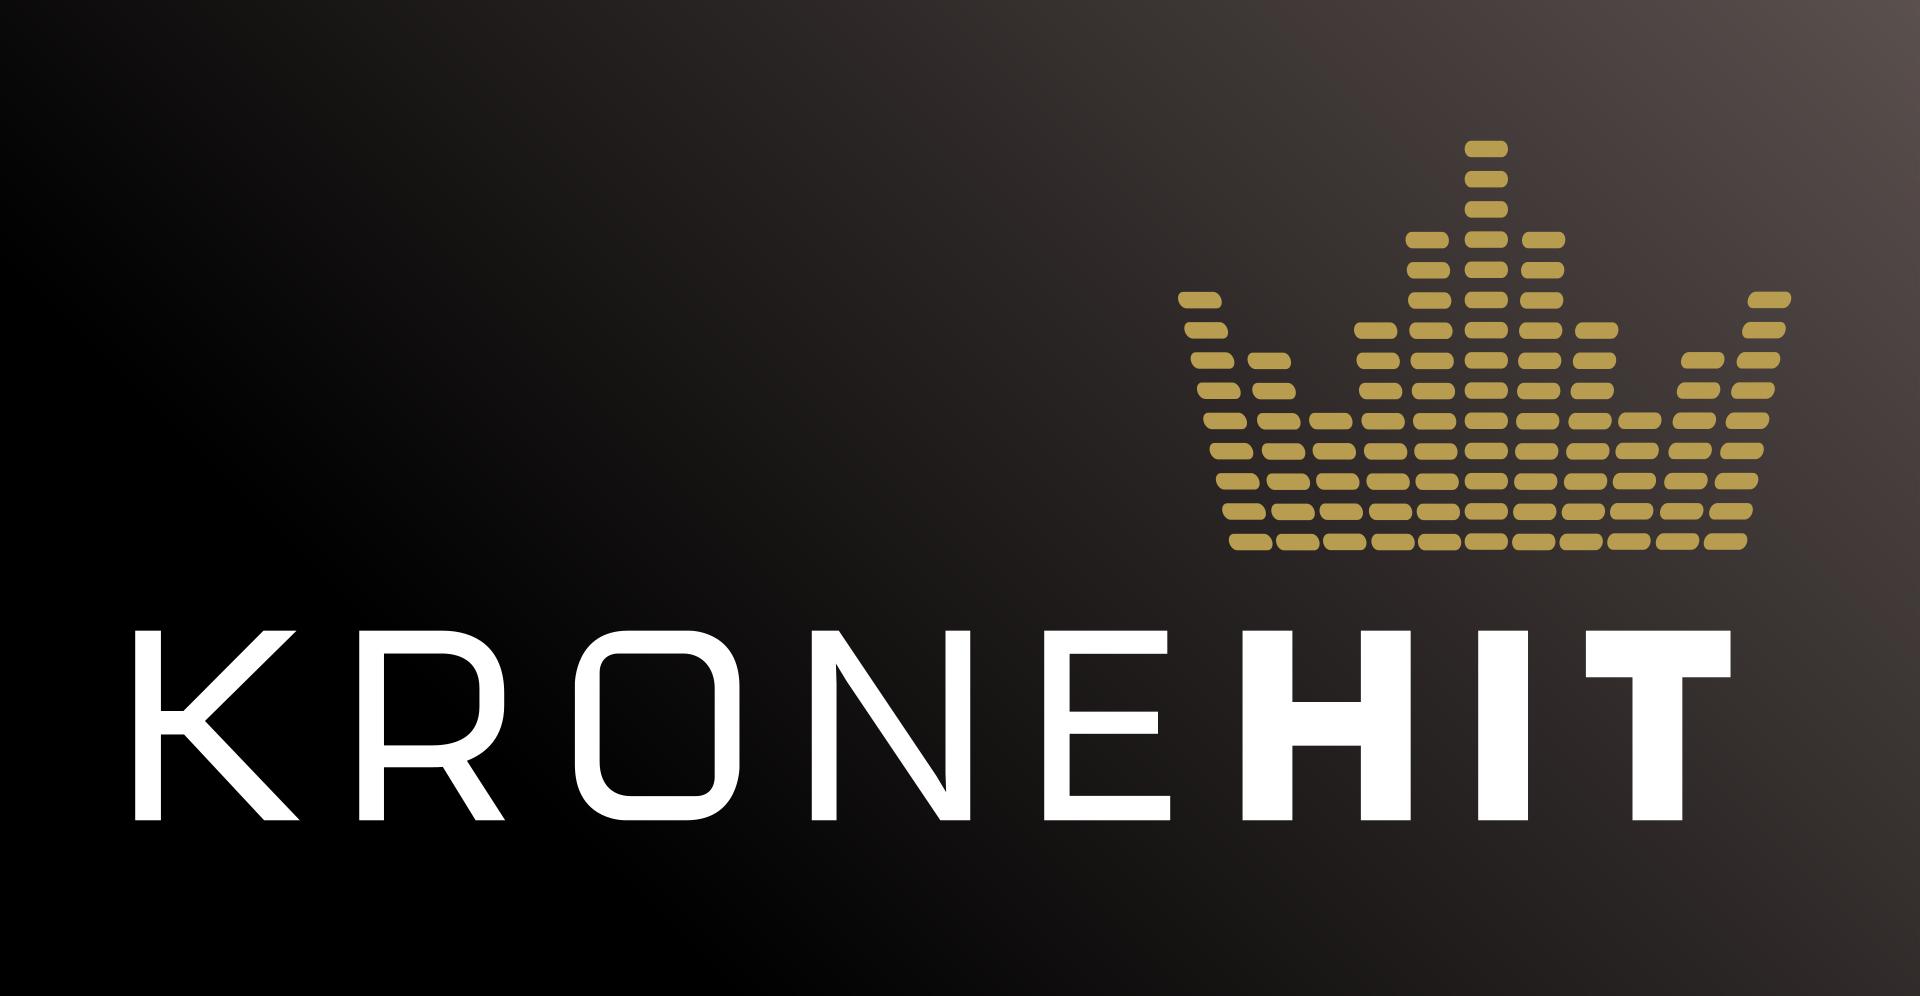 Kronehit Podcast | Hero of the Week - Kronehit-Moderator Jeremy Fernandes spricht mit Monika Schmiderer darüber, wie wir uns unser Leben vom digitalen Dauererreichbarsein zurückholenDienstag 23. April 2019Hier zu hören auf Kronehit, iTunes, Spotify usw.